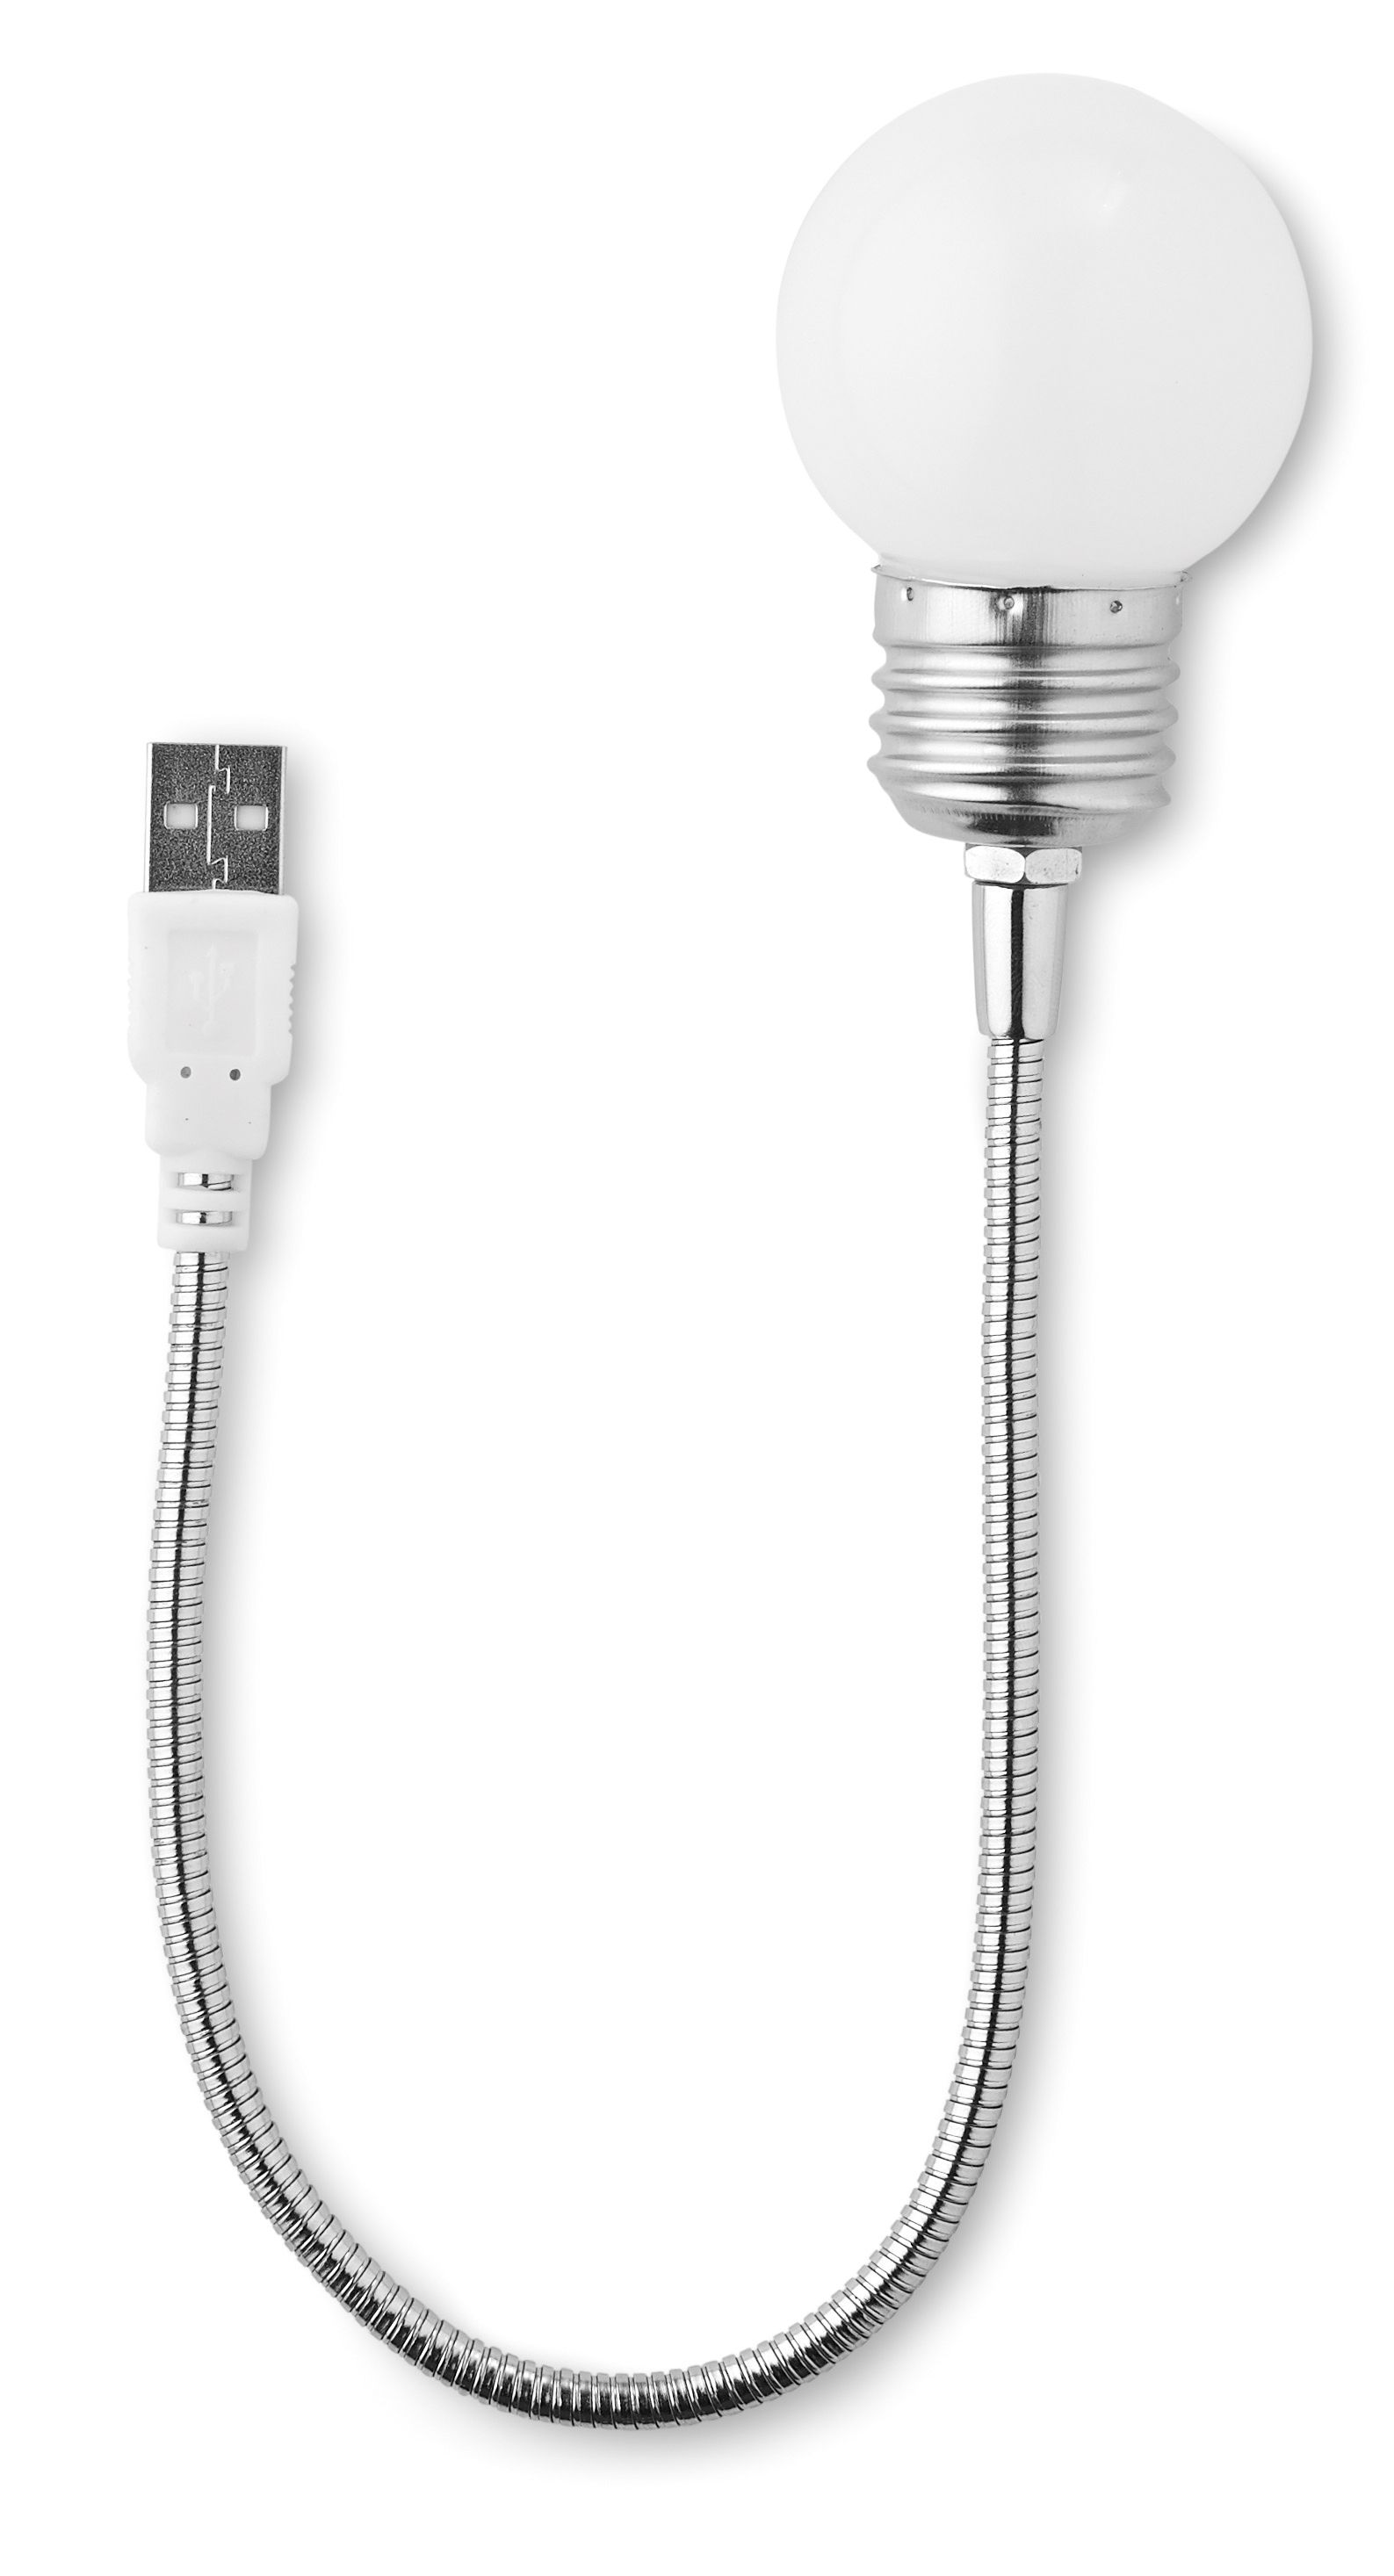 Lampe publicitaire Bulblight - cadeau publicitaire